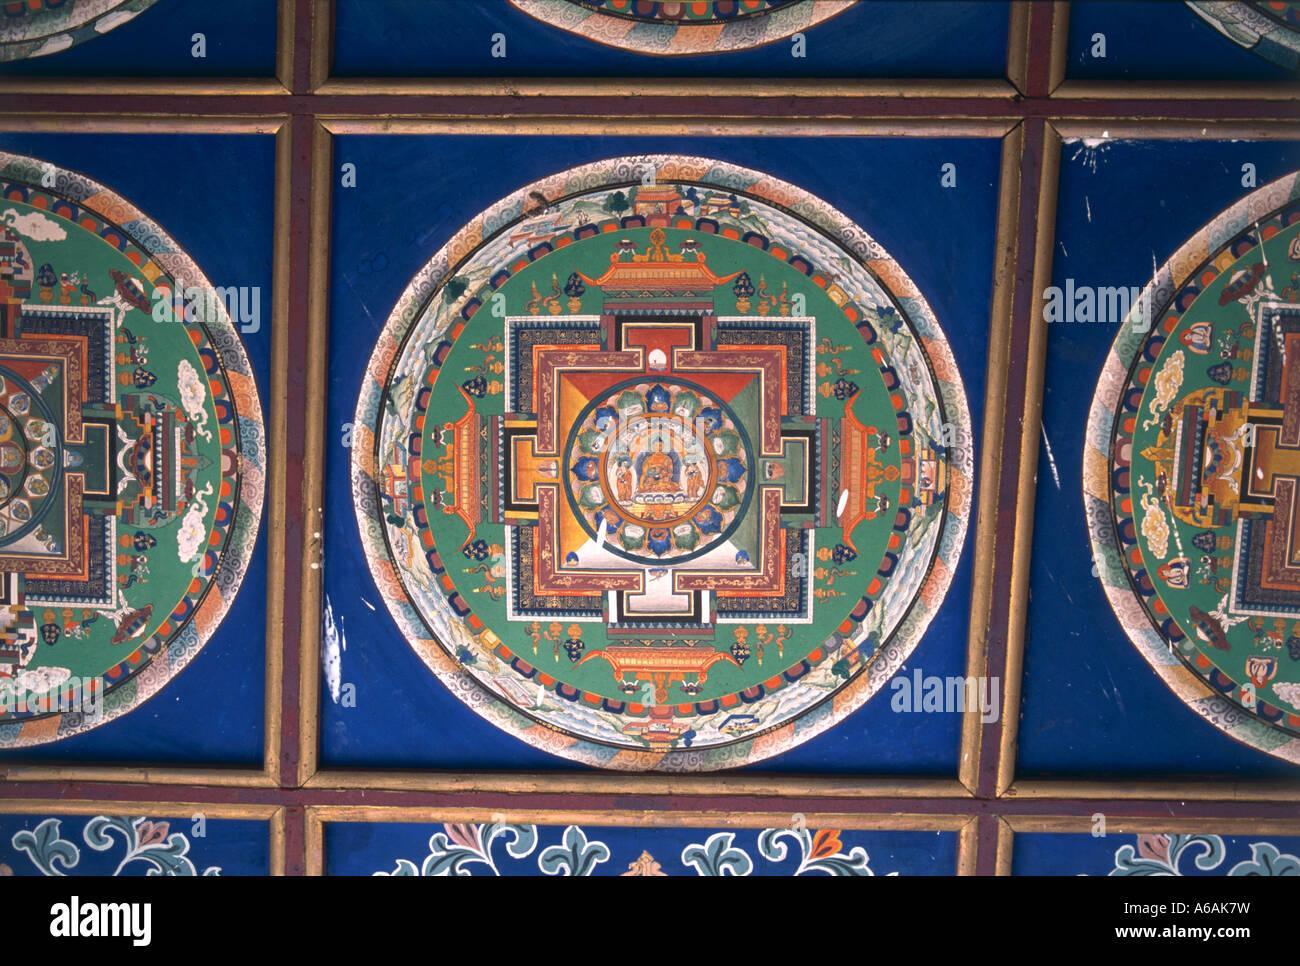 China, Tibet, Lhasa, intricately painted mandala symbolizing universe - Stock Image